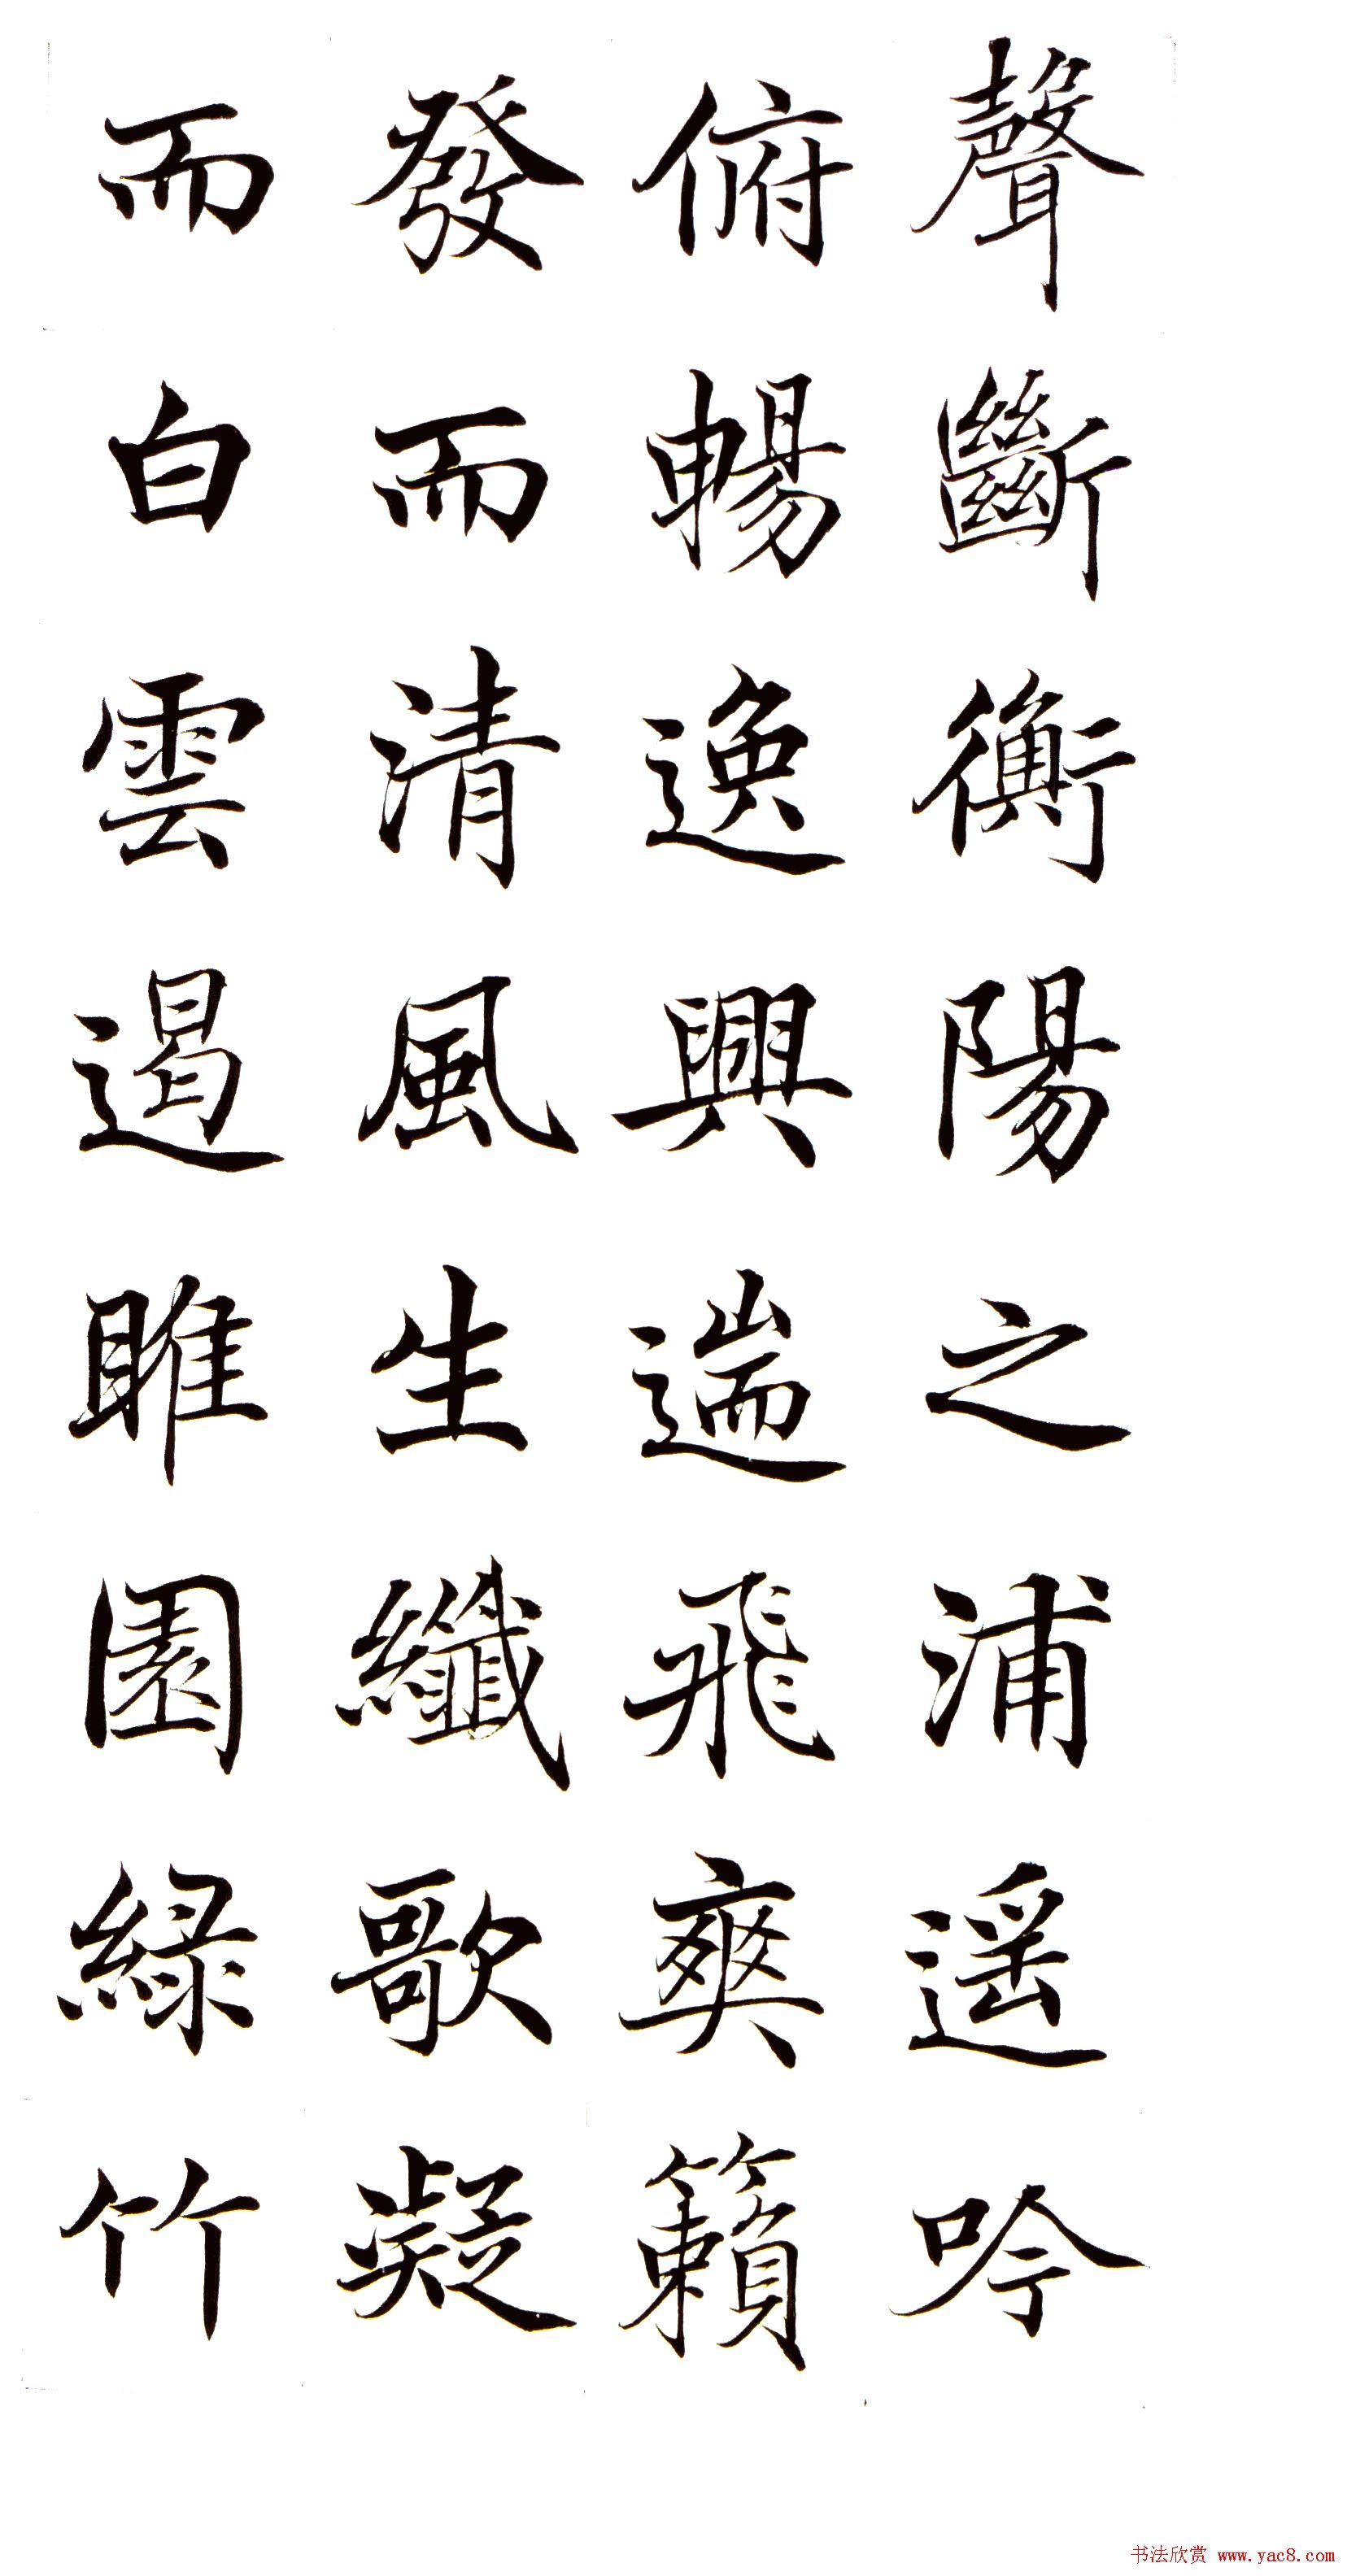 高垲楷书作品欣赏 滕王阁序 第11页 楷书字帖 书法欣赏